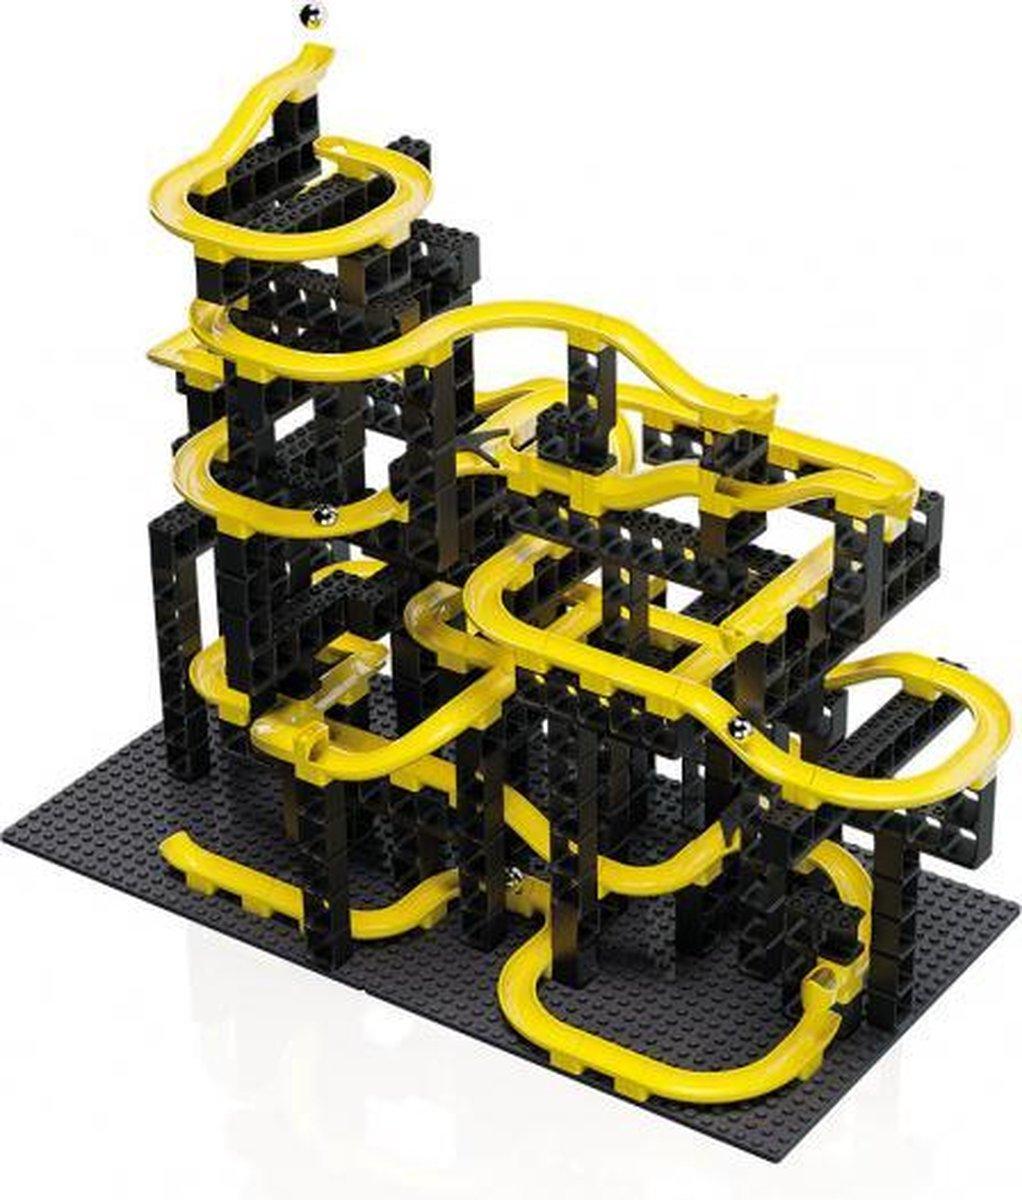 knikkerbaan bouwset zwart/geel 214-delig